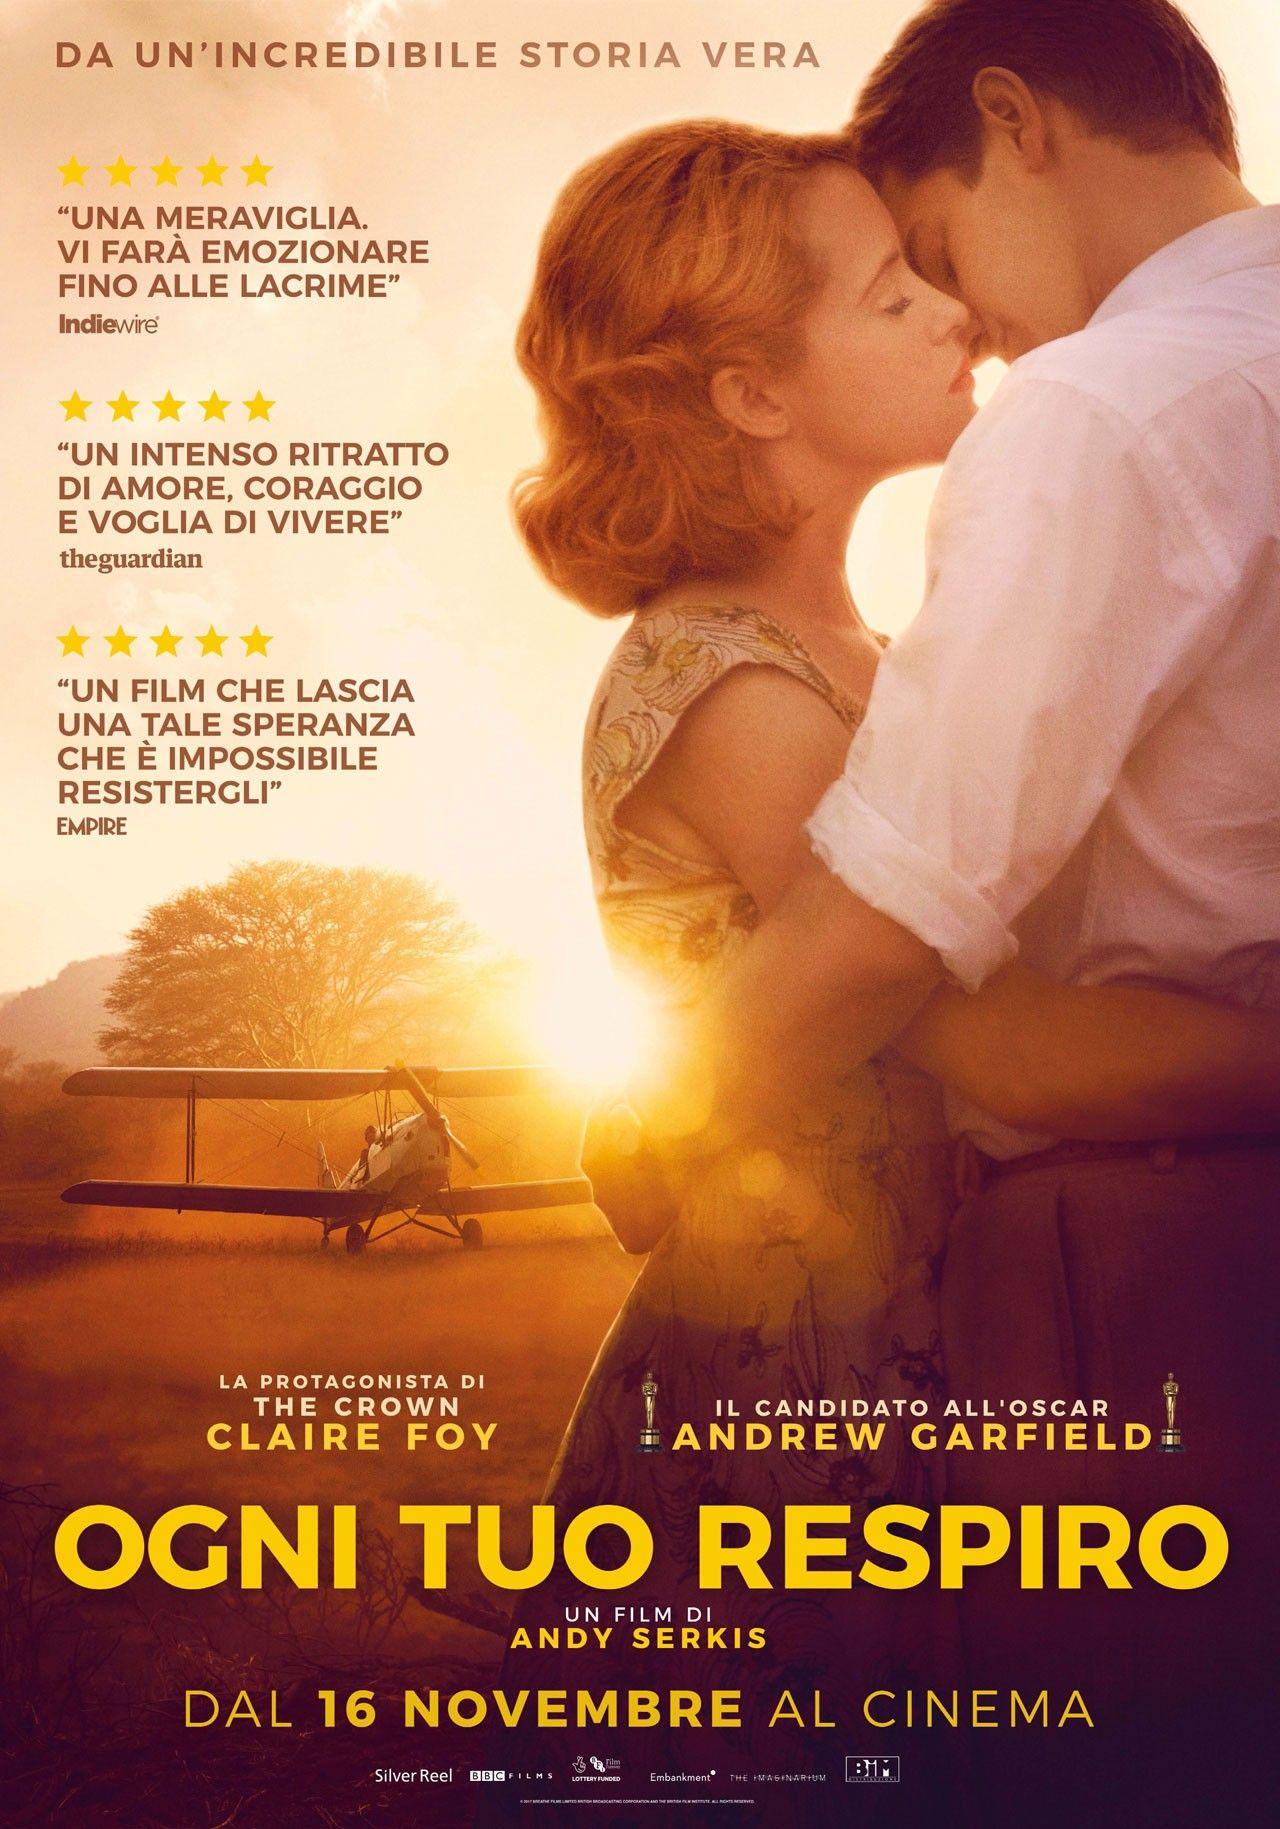 Ogni Tuo Respiro Film Ita 2017 Streaming Altadefinizione Film Guardare Film Andrew Garfield